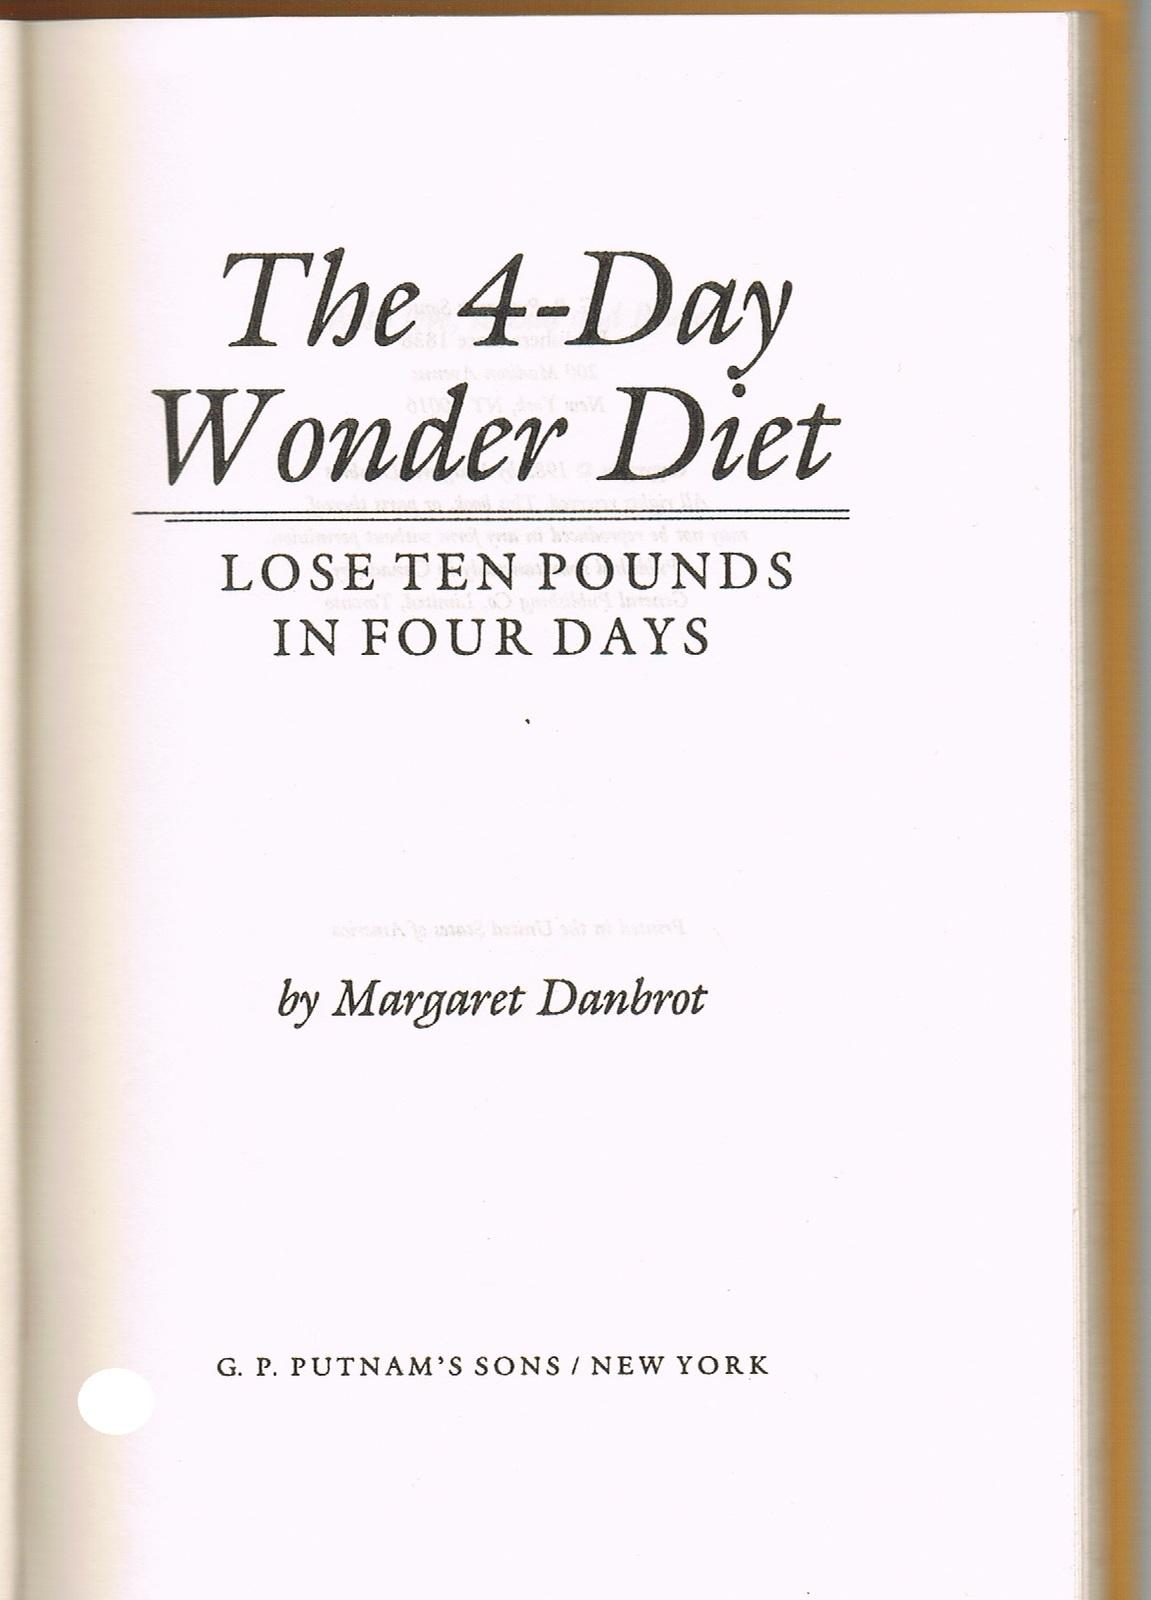 The 4-Day Wonder Diet Book - Cookbooks